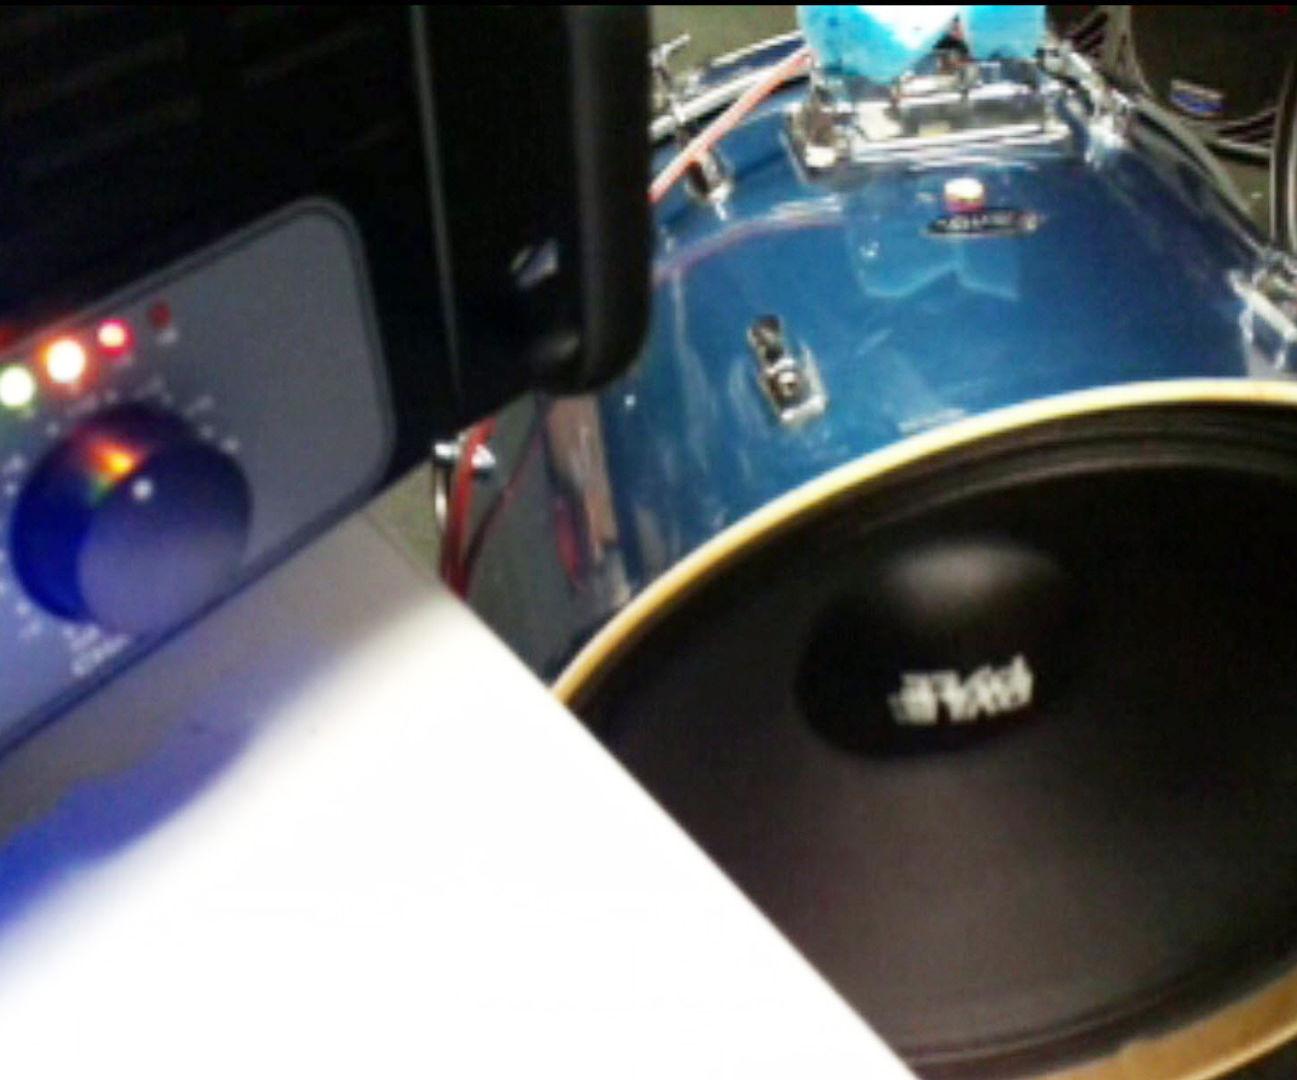 infrasonic sub-audible resonant sub-woofer boom base cannon